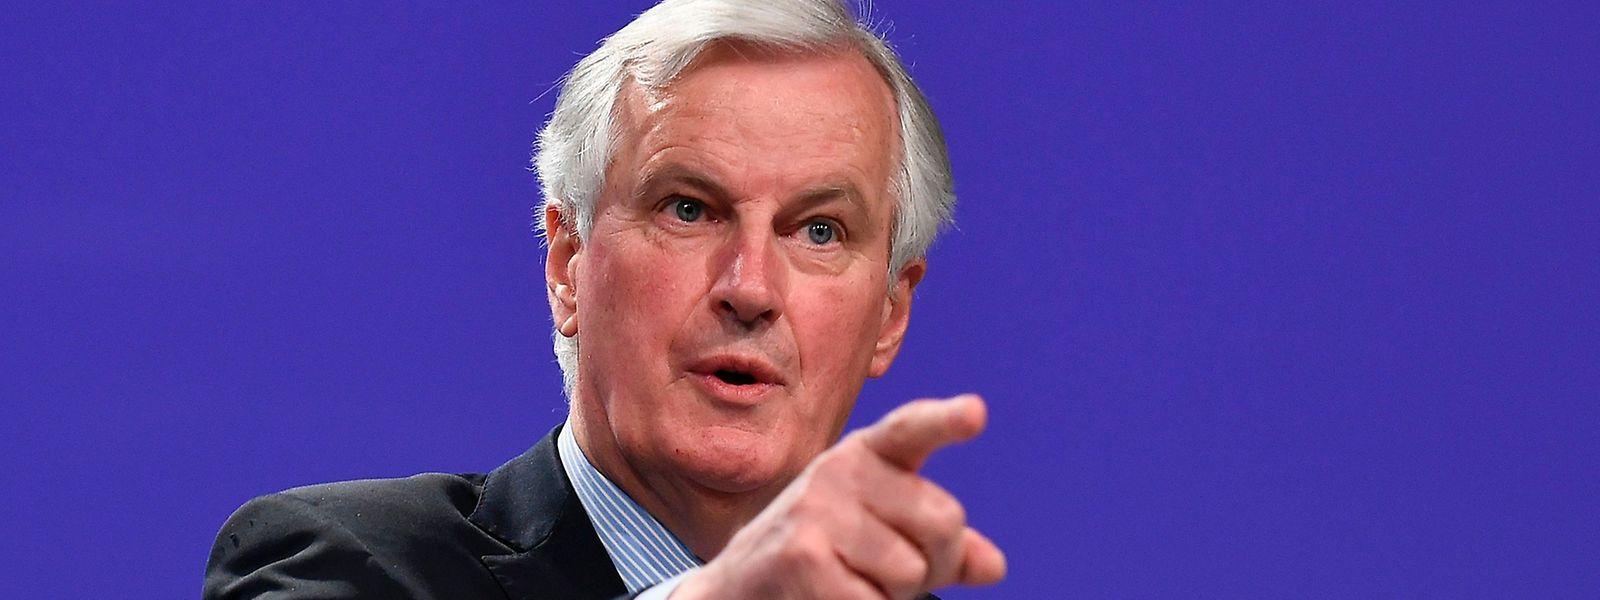 Michel Barnier stellt sich auf schwierige Gespräche ein.